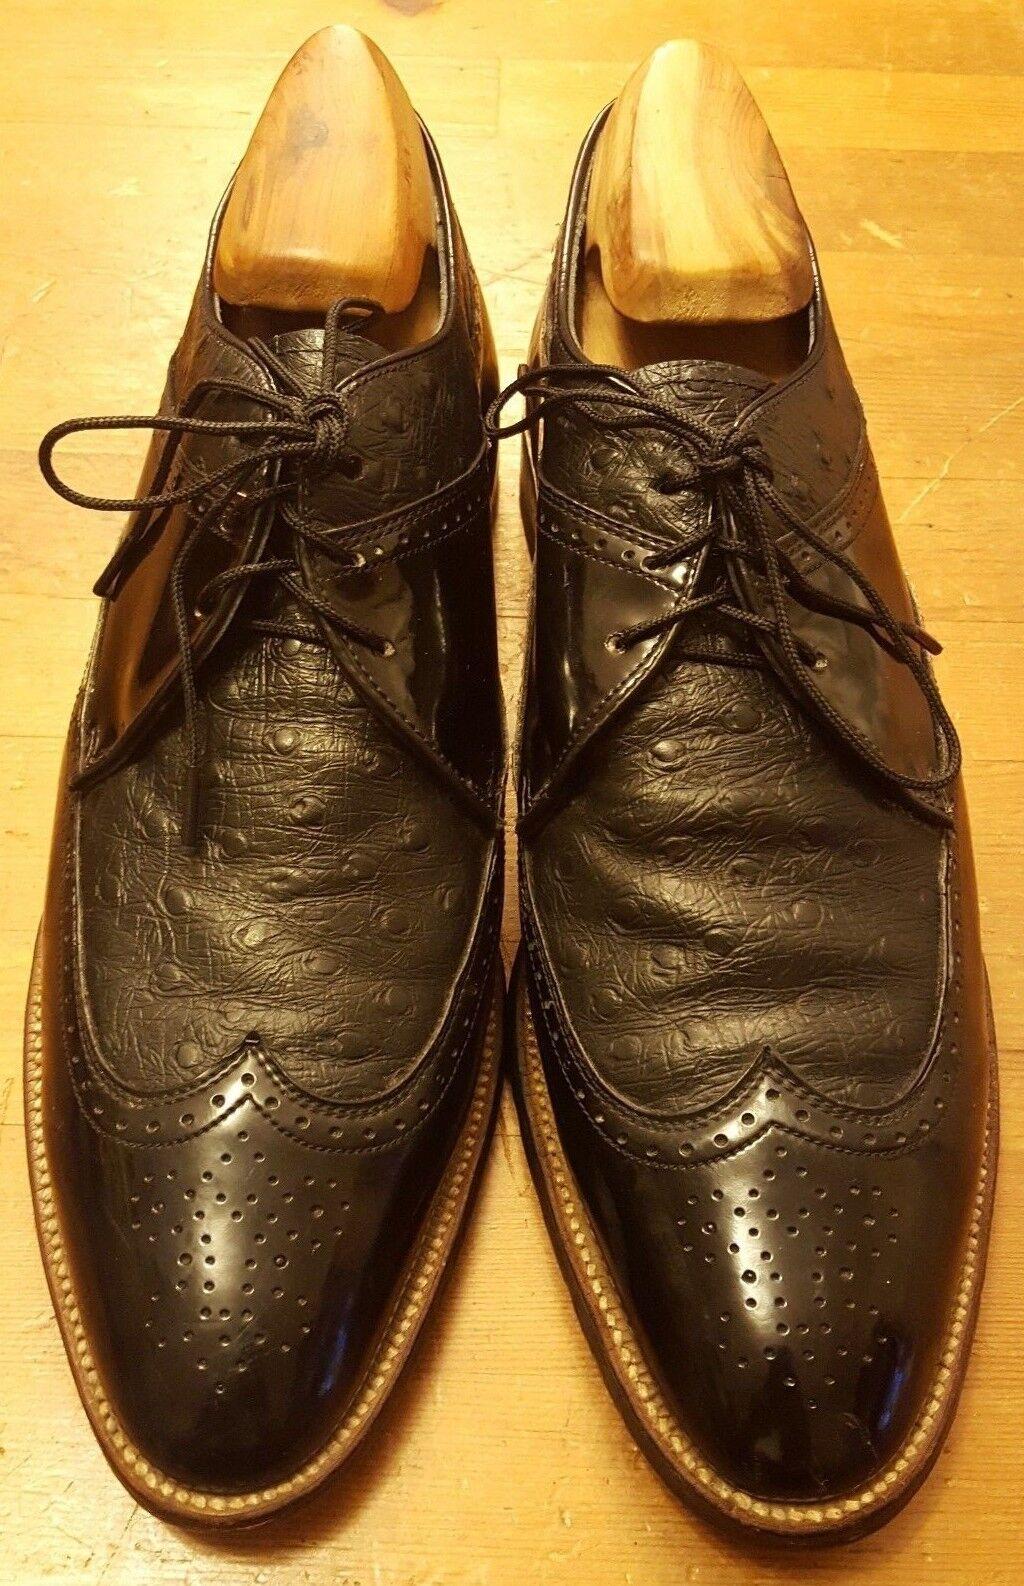 grande vendita Vintage, Stacy Adams, nero, Patent Patent Patent Leather Leather, Wing-Tips scarpe (Sz 9D)  presentando tutte le ultime tendenze della moda